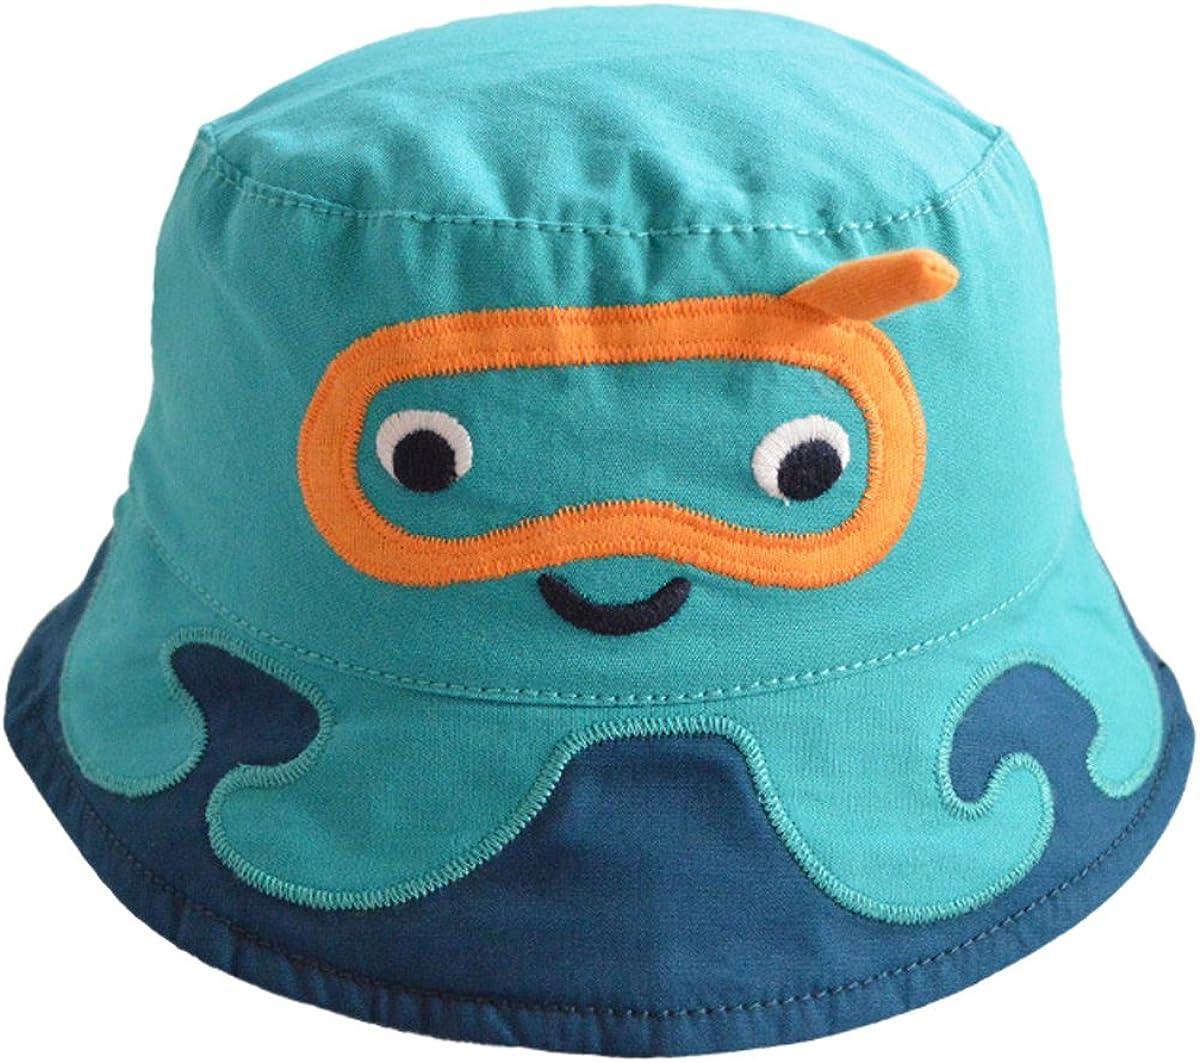 Happy Cherry 8a/ños Gorro Verano de Sol Gorra Bucket Hat con ala Lindo Cartoon Sombrero para Bebes Ni/ña Ni/ño de 3 Meses